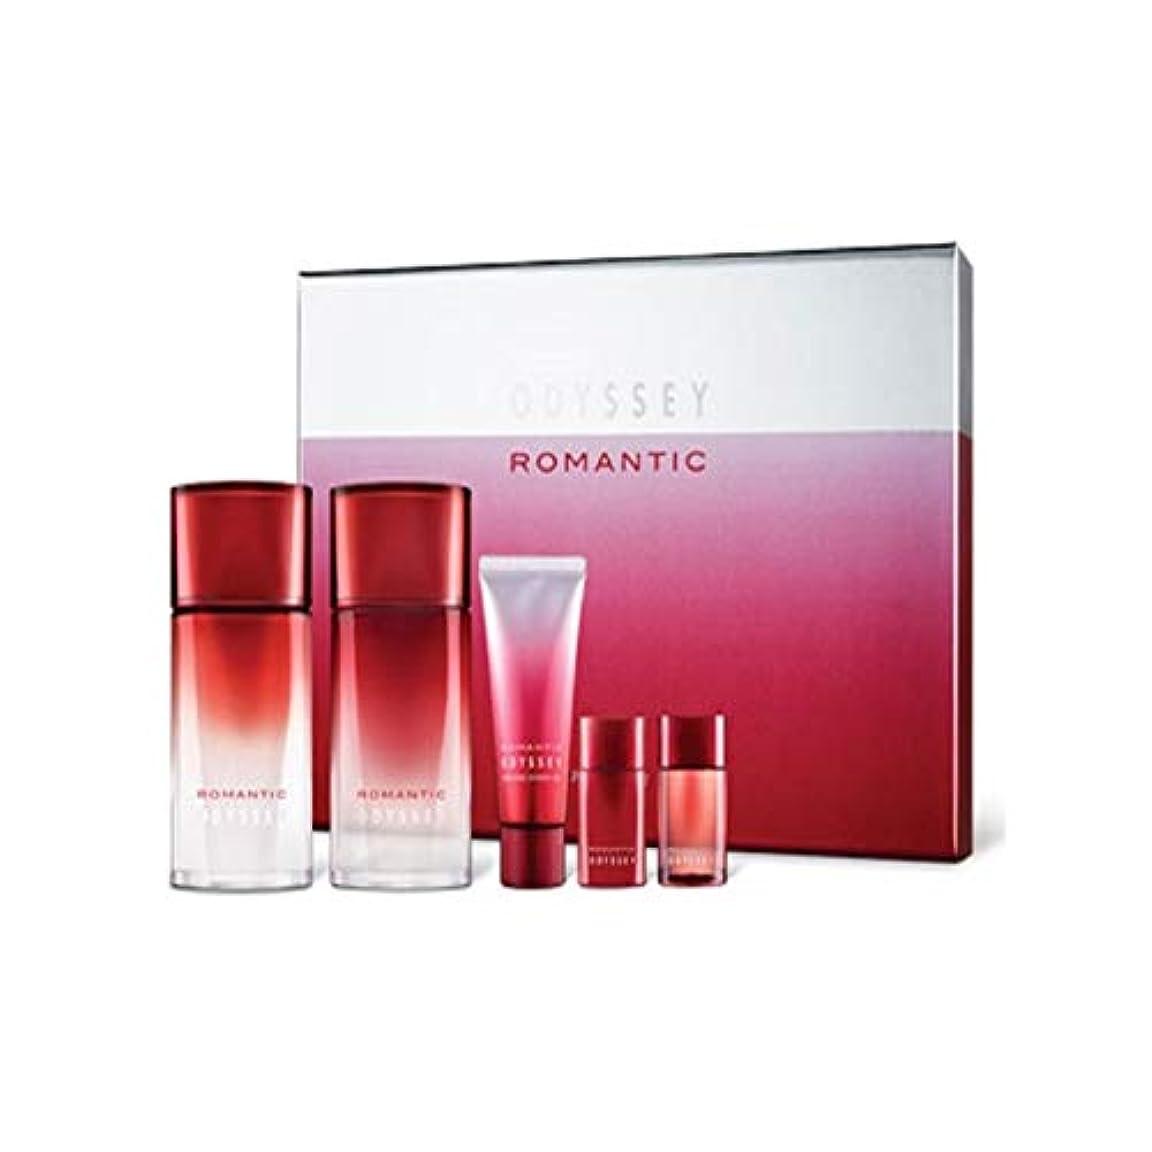 石化するクレアマインドオデッセイロマンチックスキンリファイナーローションセットメンズコスメ韓国コスメ、Odyssey Romantic Skin Refiner Lotion Set Men's Cosmetics Korean Cosmetics...